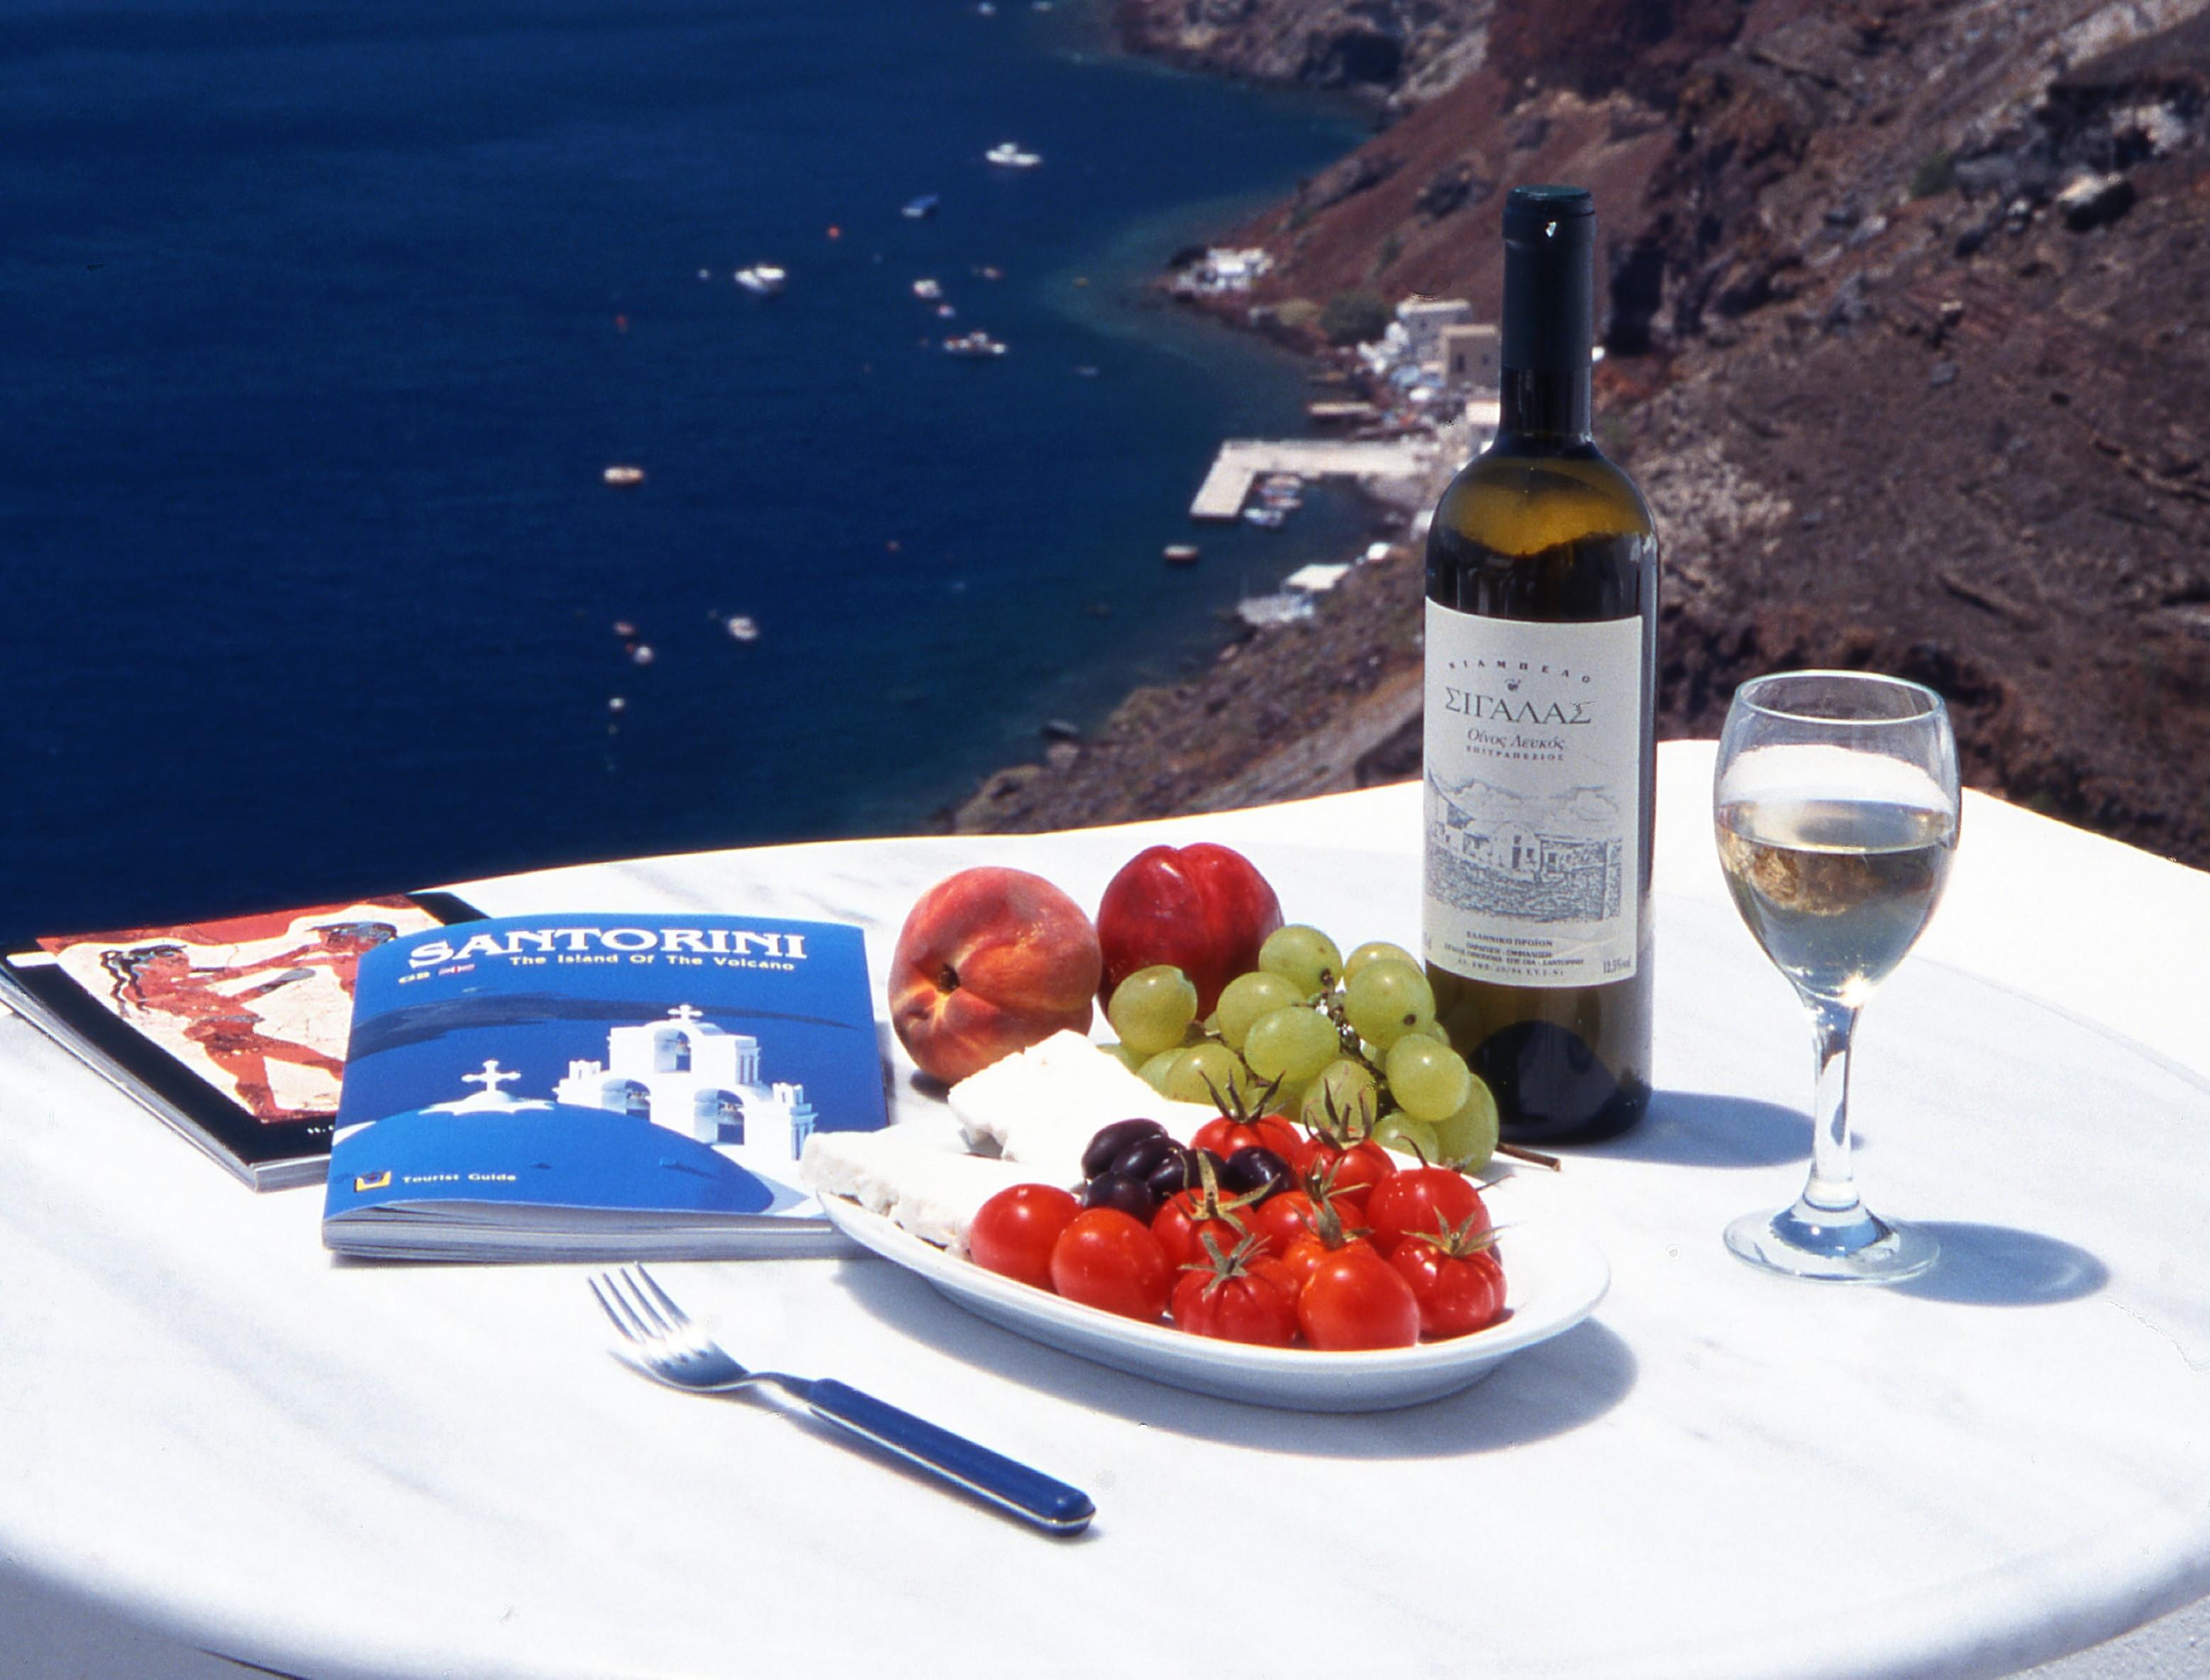 Frische Zutaten und ein leckeres Getränk - vor allem die Einfachheit macht die griechische Küche so besonders.